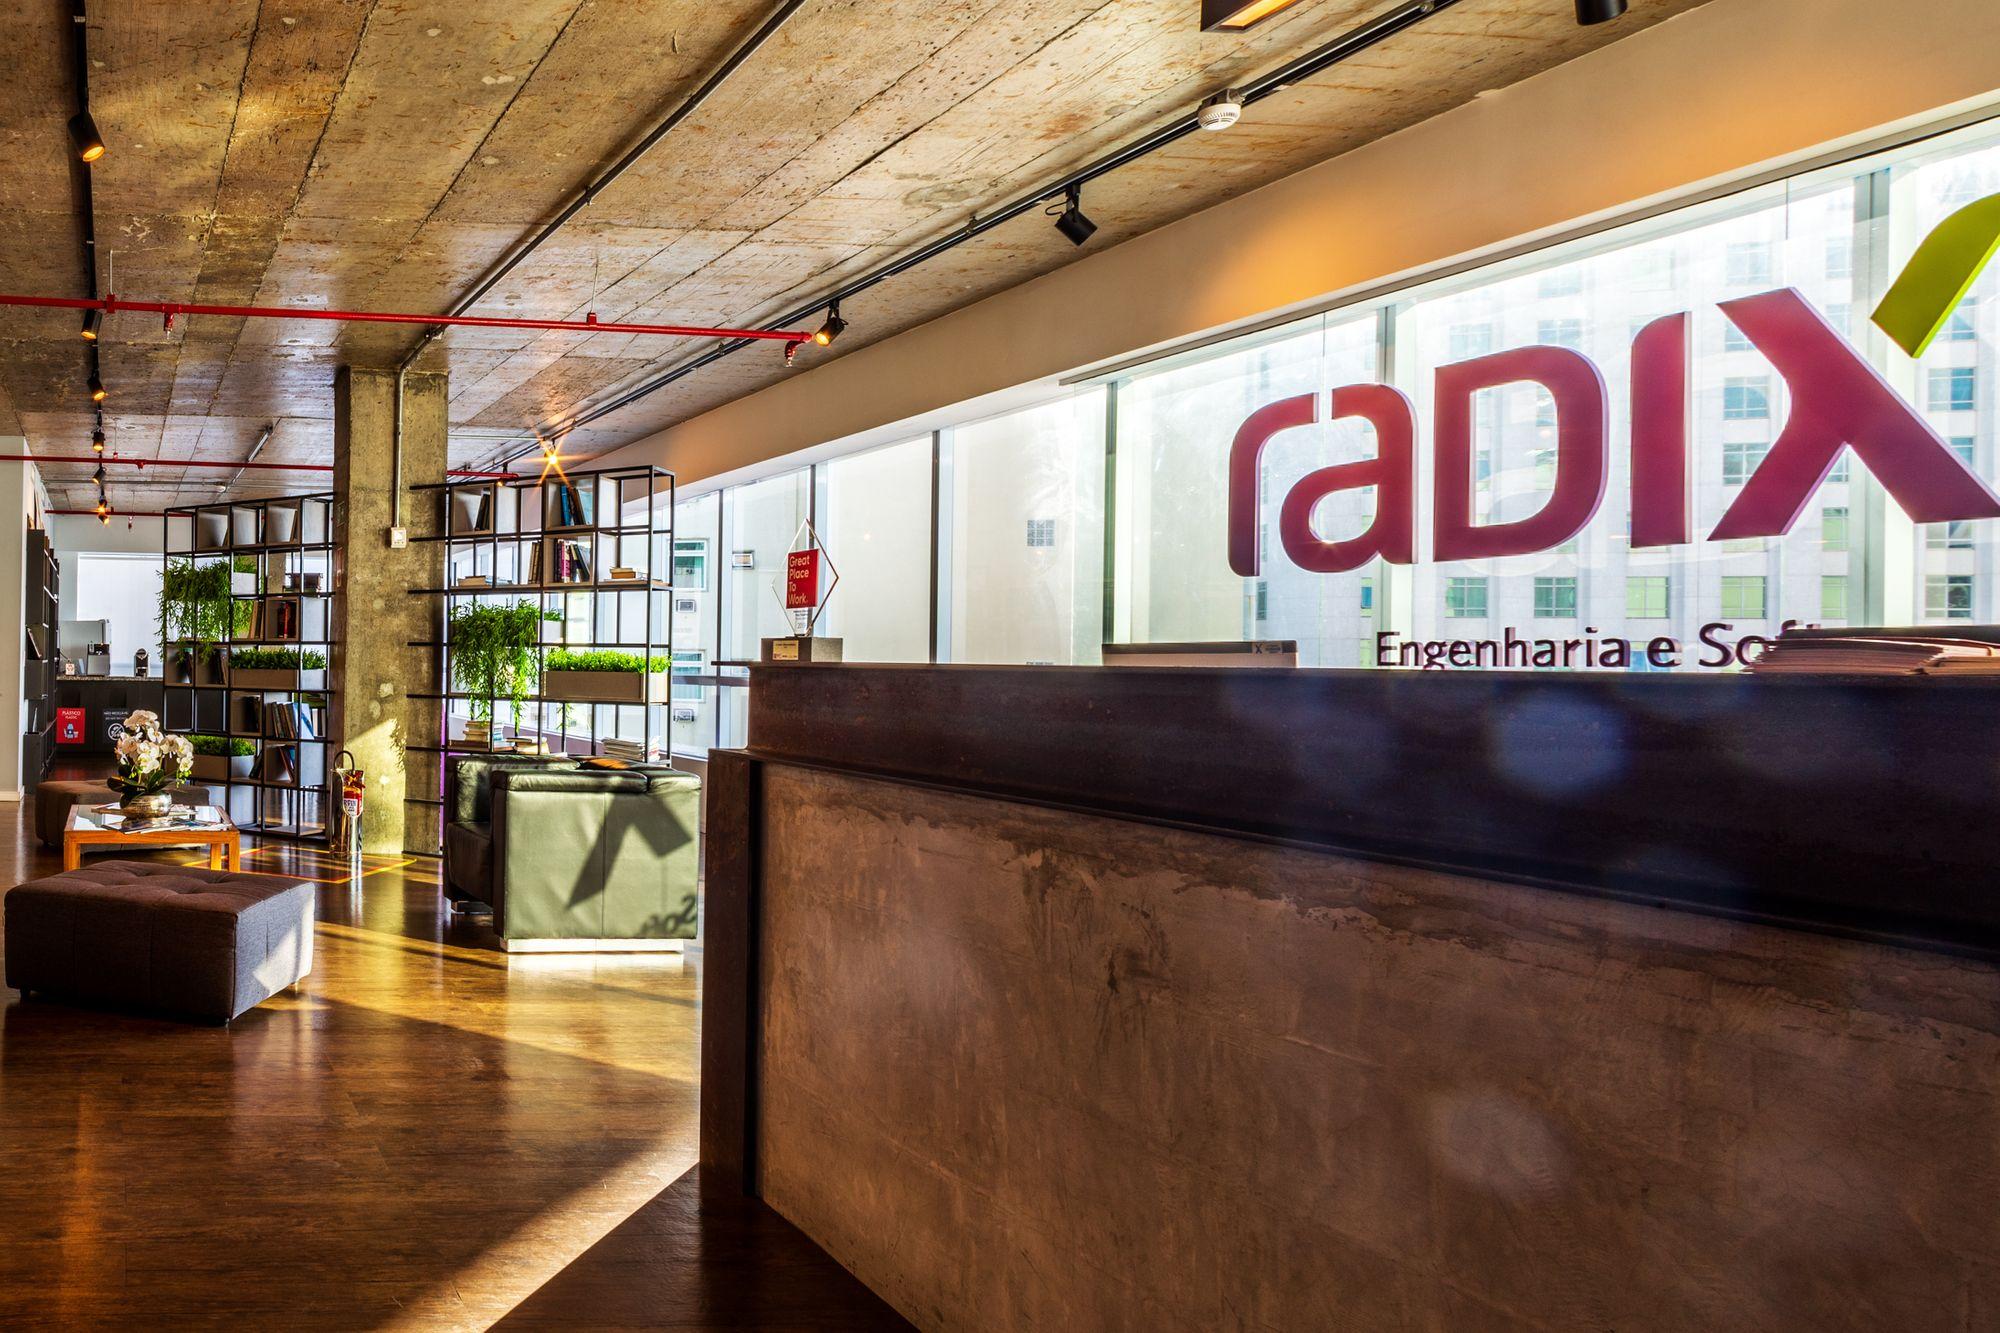 Radix participa de Hacking.Rio 2020 com equipes, patrocínio e palestra